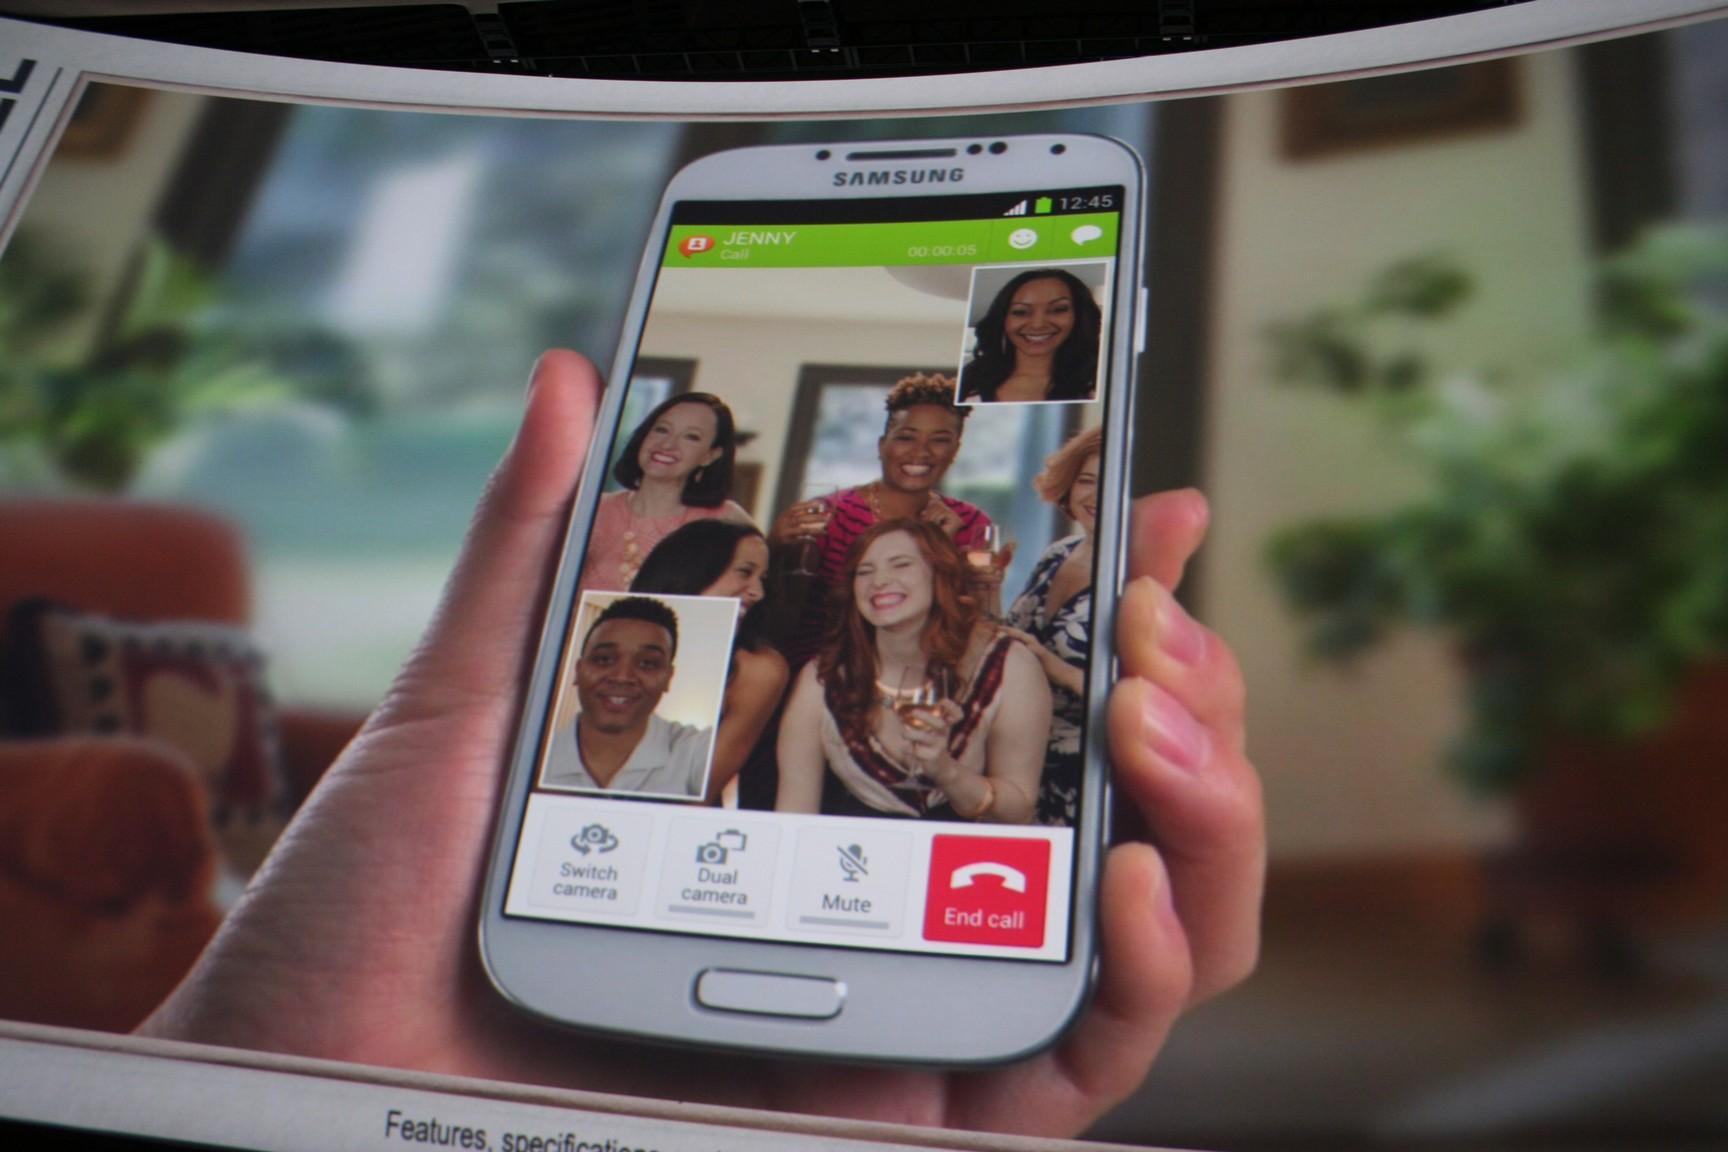 Samsung: Neue Features des Galaxy S4 bald auch für Galaxy S3 und Galaxy Note 2